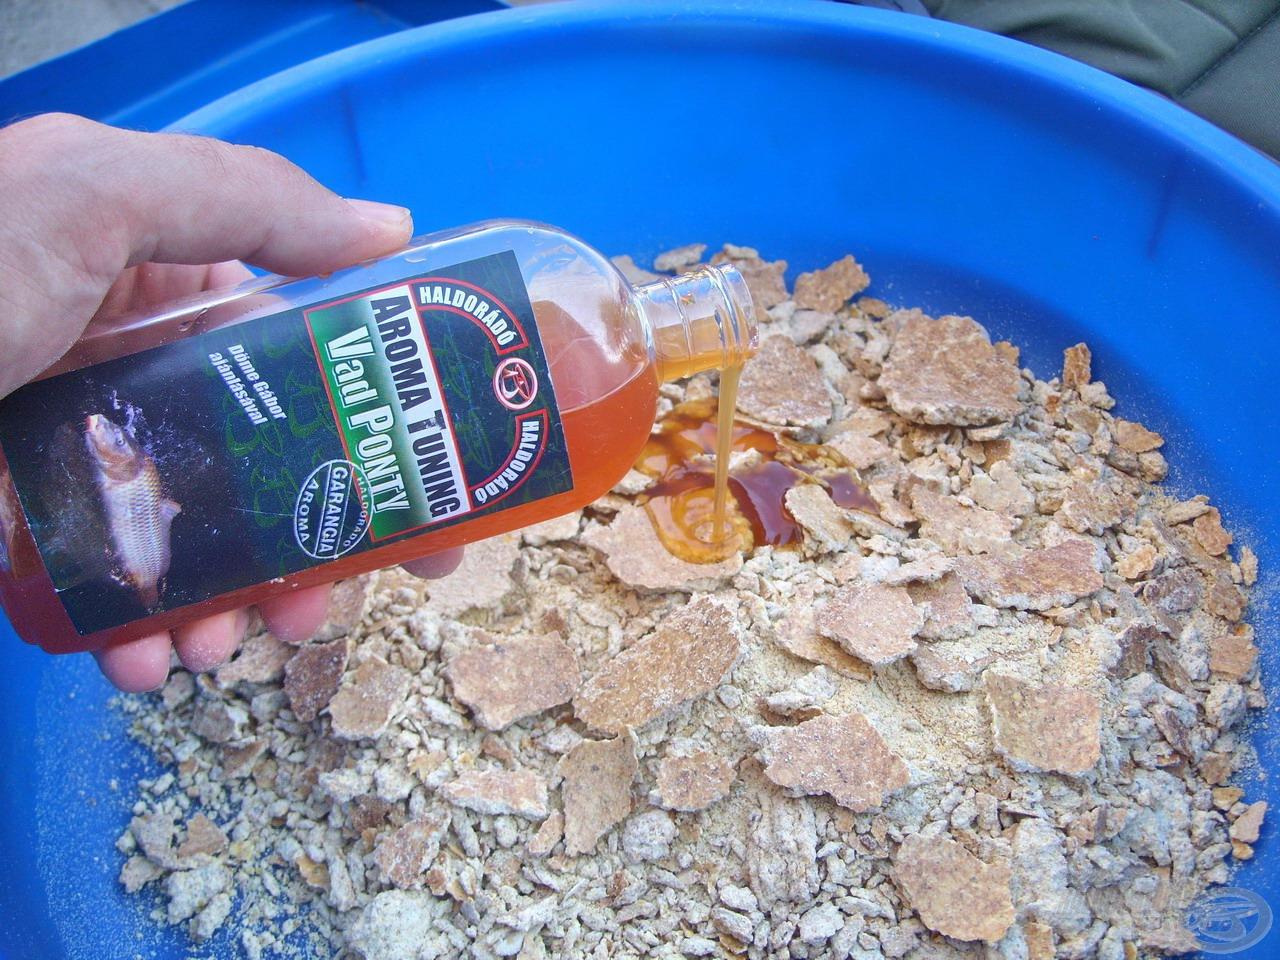 Első lépésként egy teljes flakon, azaz 250 ml Vad Ponty ízesítésű Haldorádó Aroma Tuningot öntöttem a TTX törmelékre…